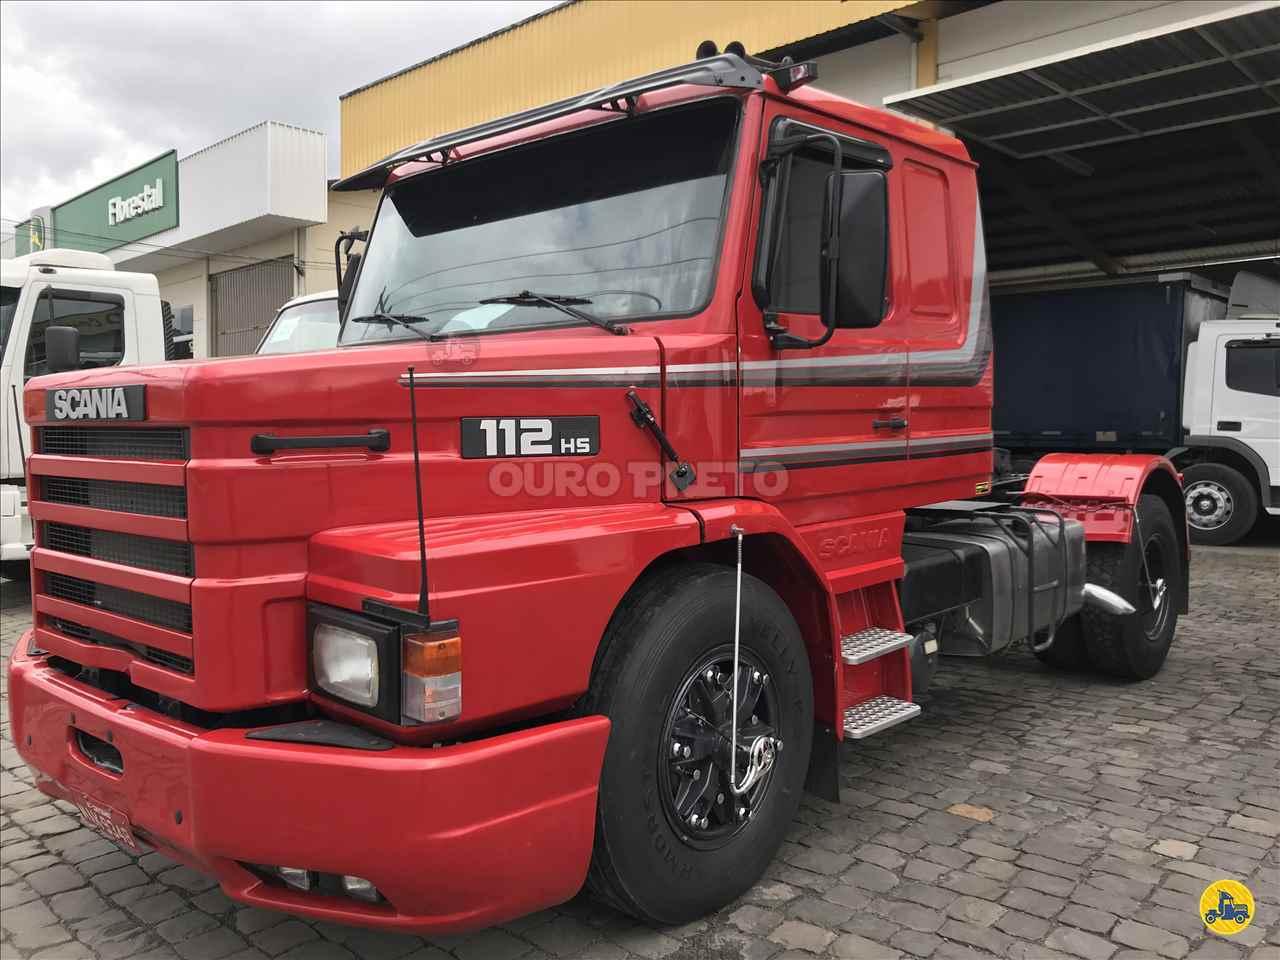 SCANIA SCANIA 112 310 45000km 1987/1987 Ouro Preto Caminhões